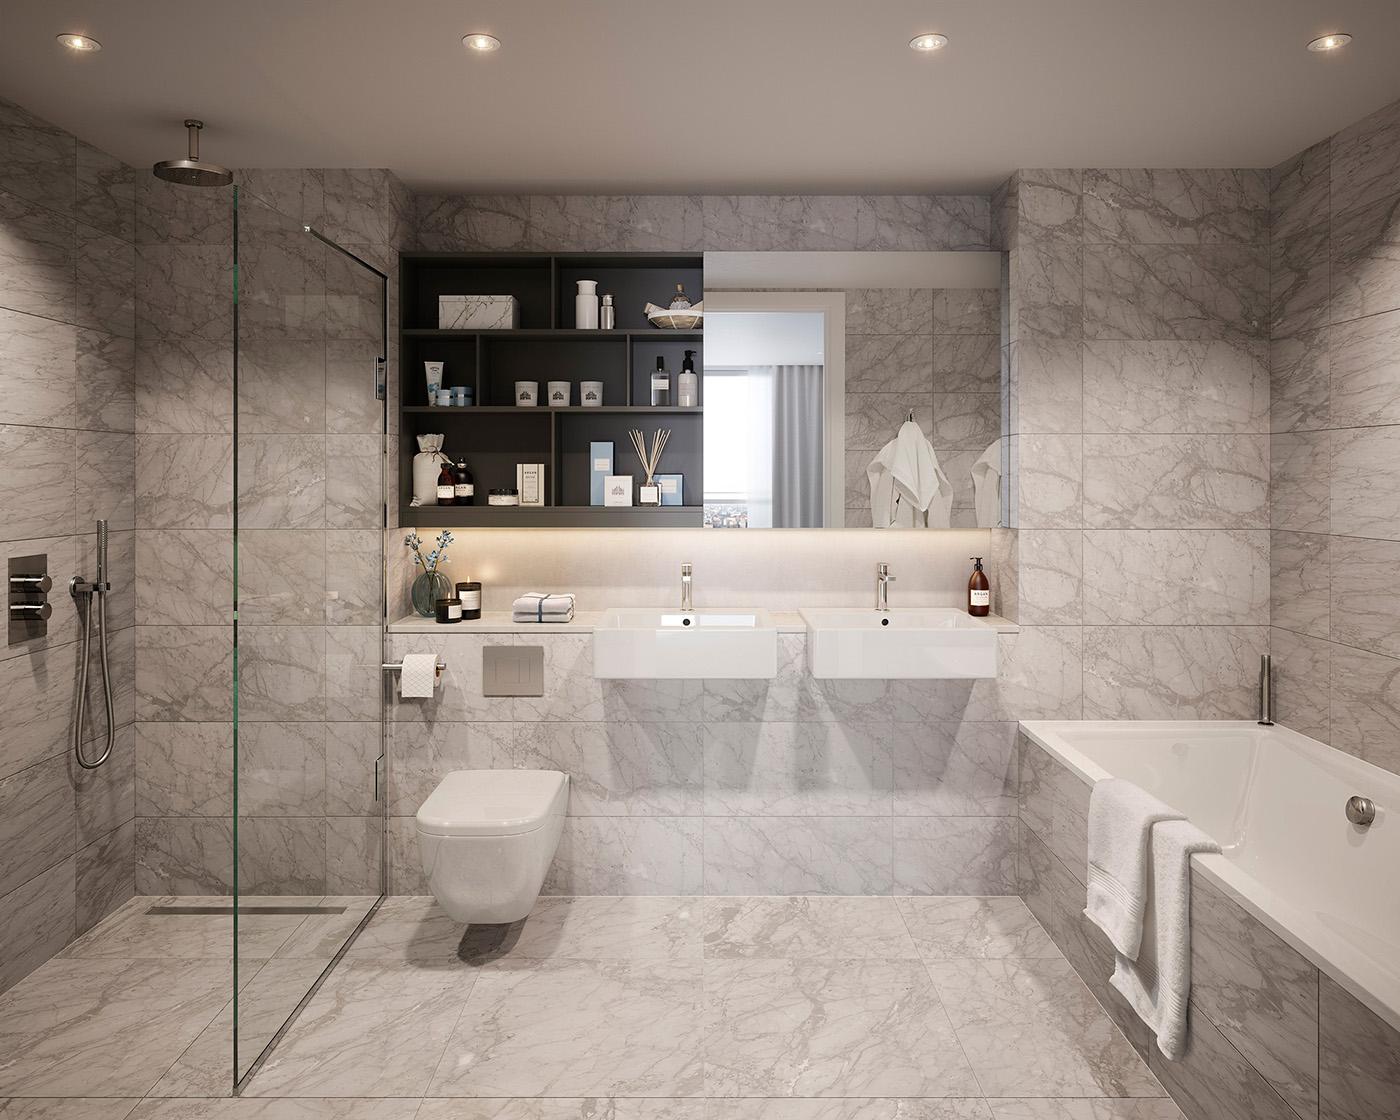 浴室墙砖的设计使空间略显宽敞,灰白搭配。